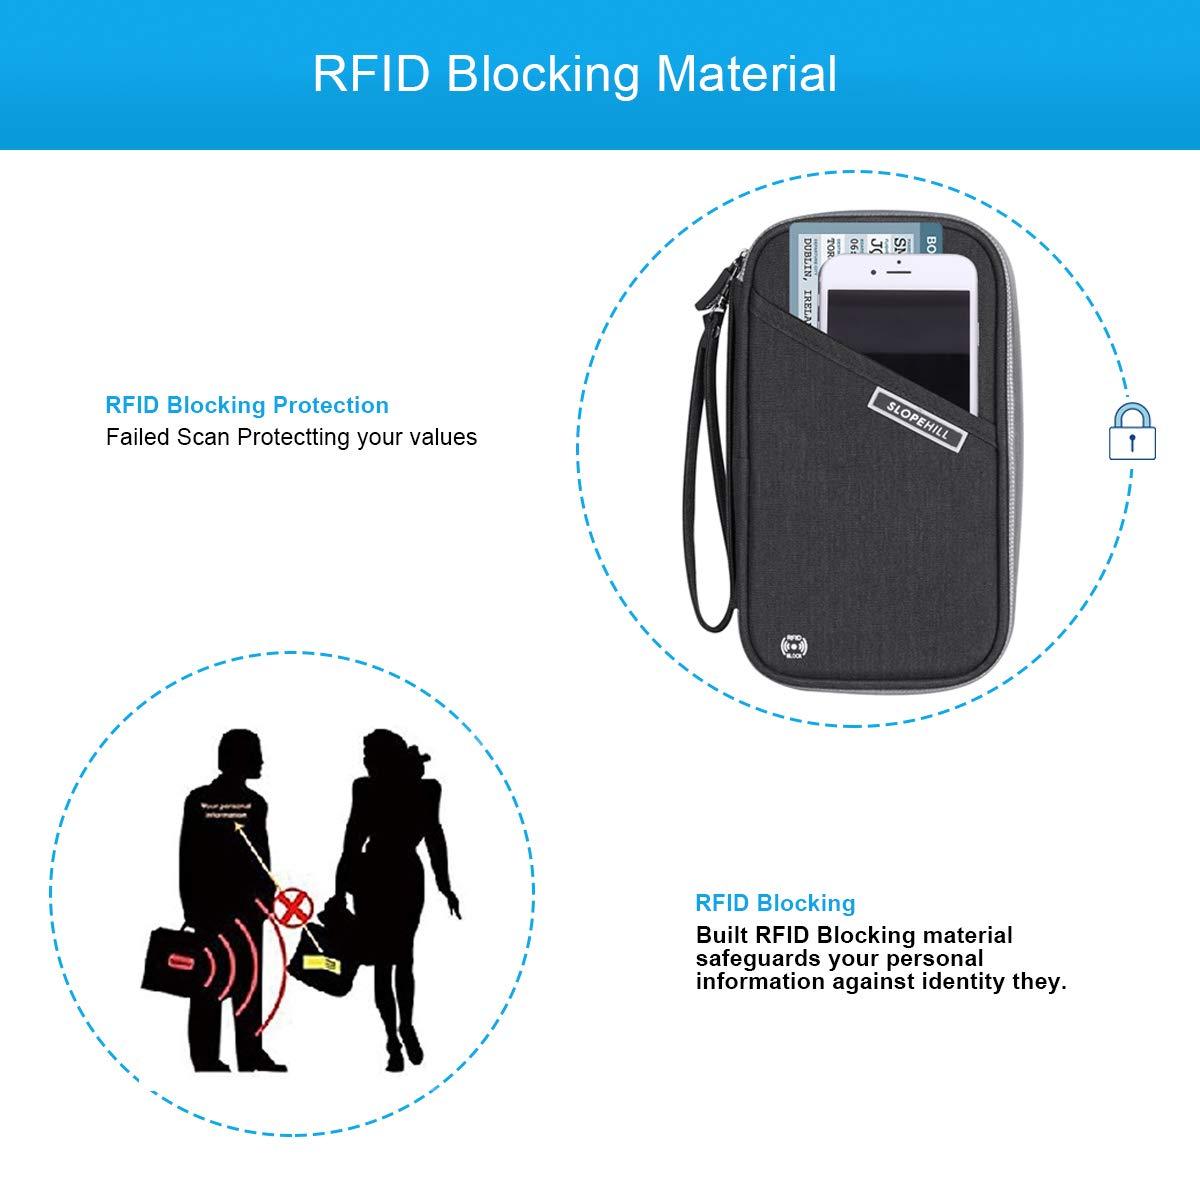 slopehill Organiseur de Voyage Blocage RFID avec Dragonne pour Cartes de Cr/édit Passeport Pi/èces de Monnaie Billets Portefeuille de Voyage